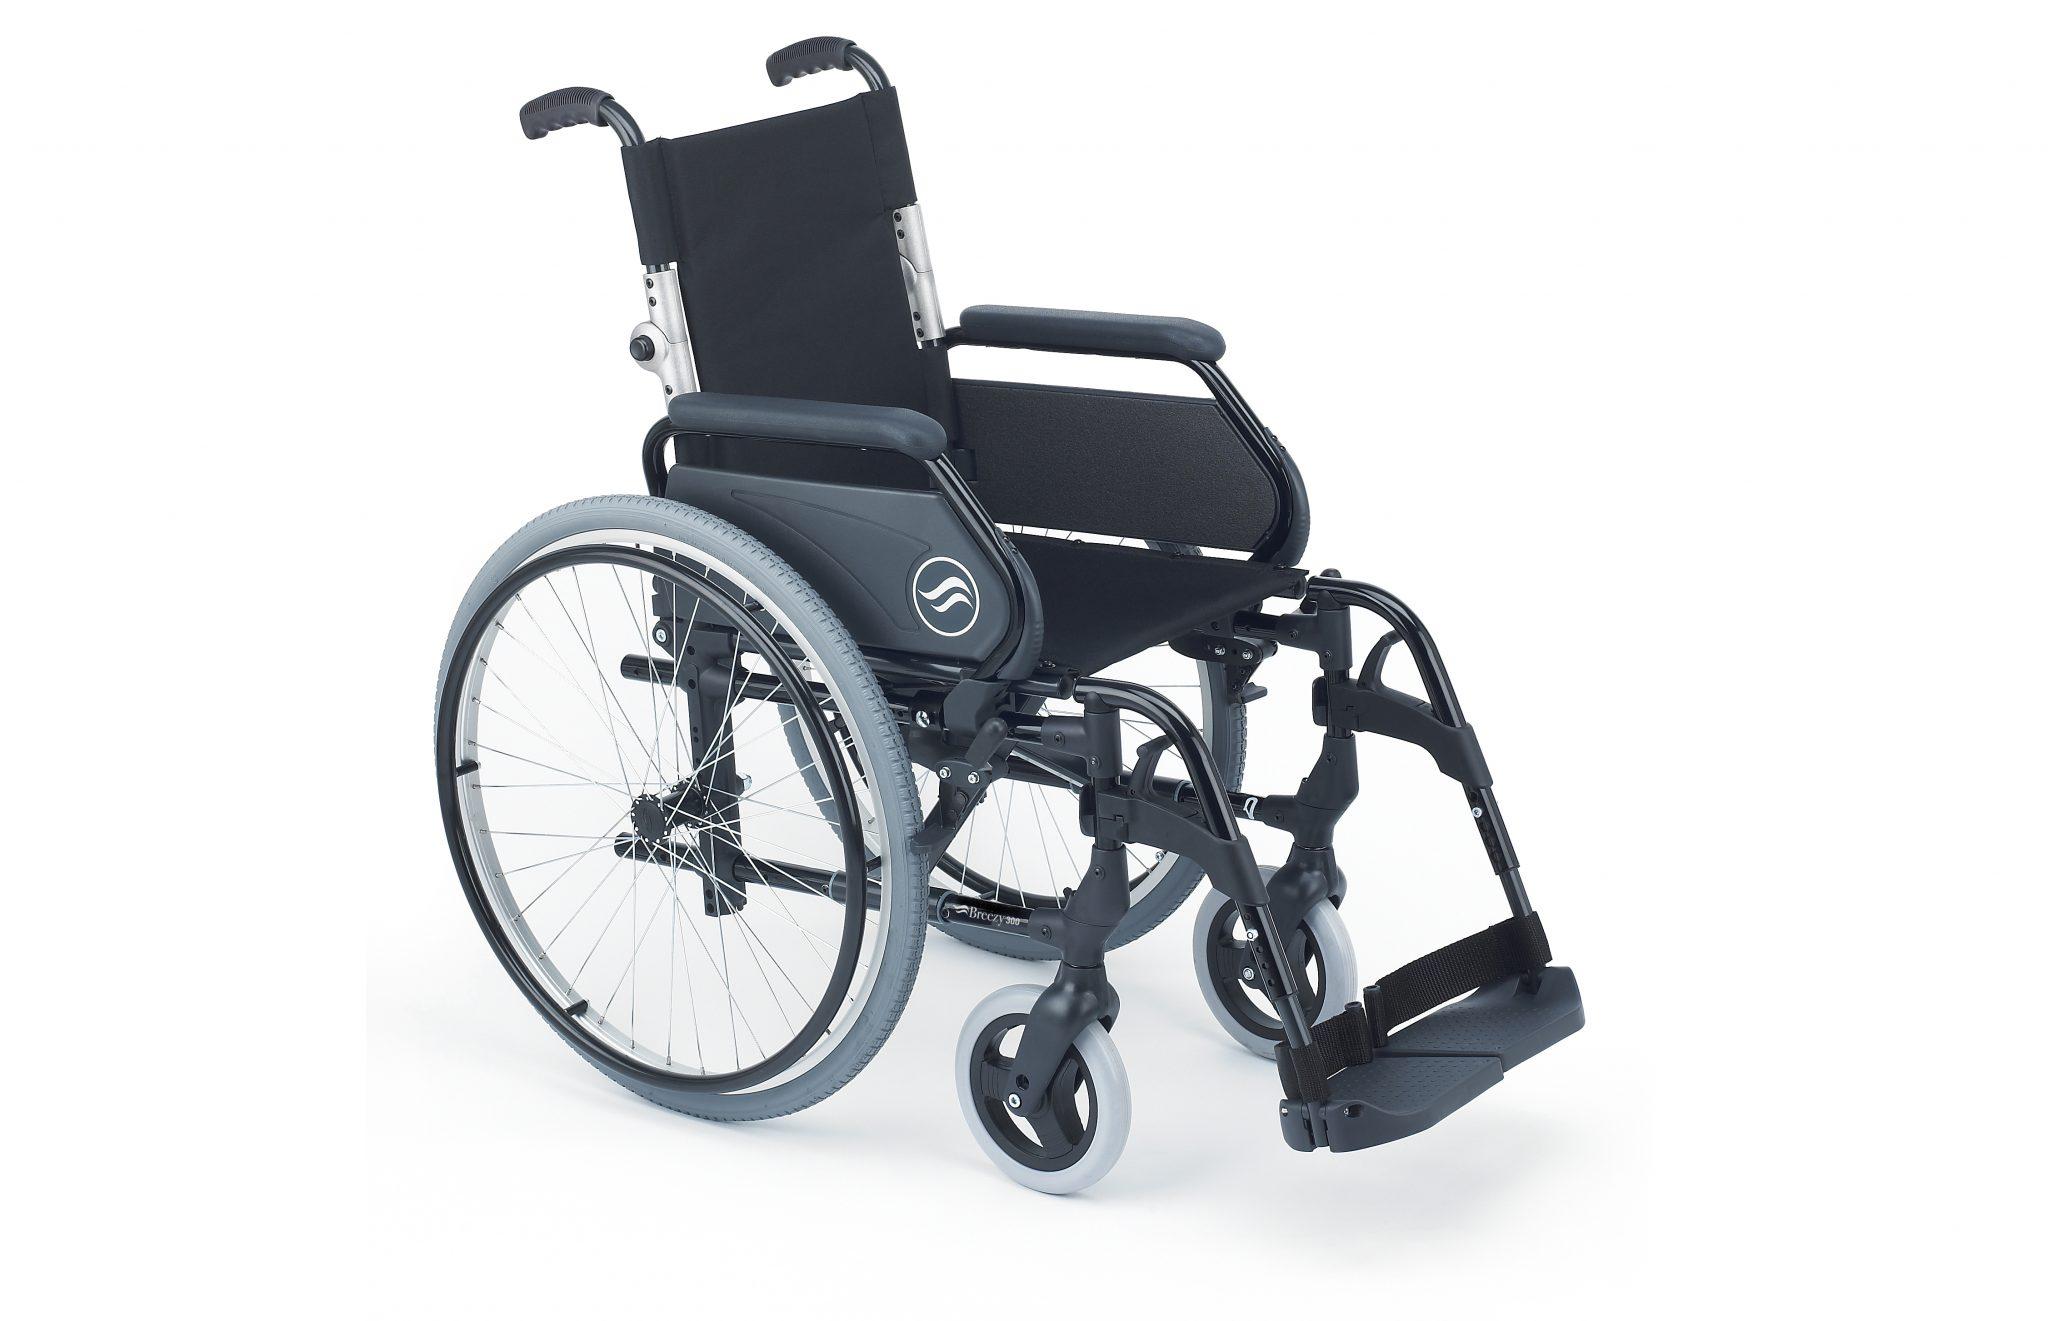 Cadeira de rodas manual preta, com vista de perfil.